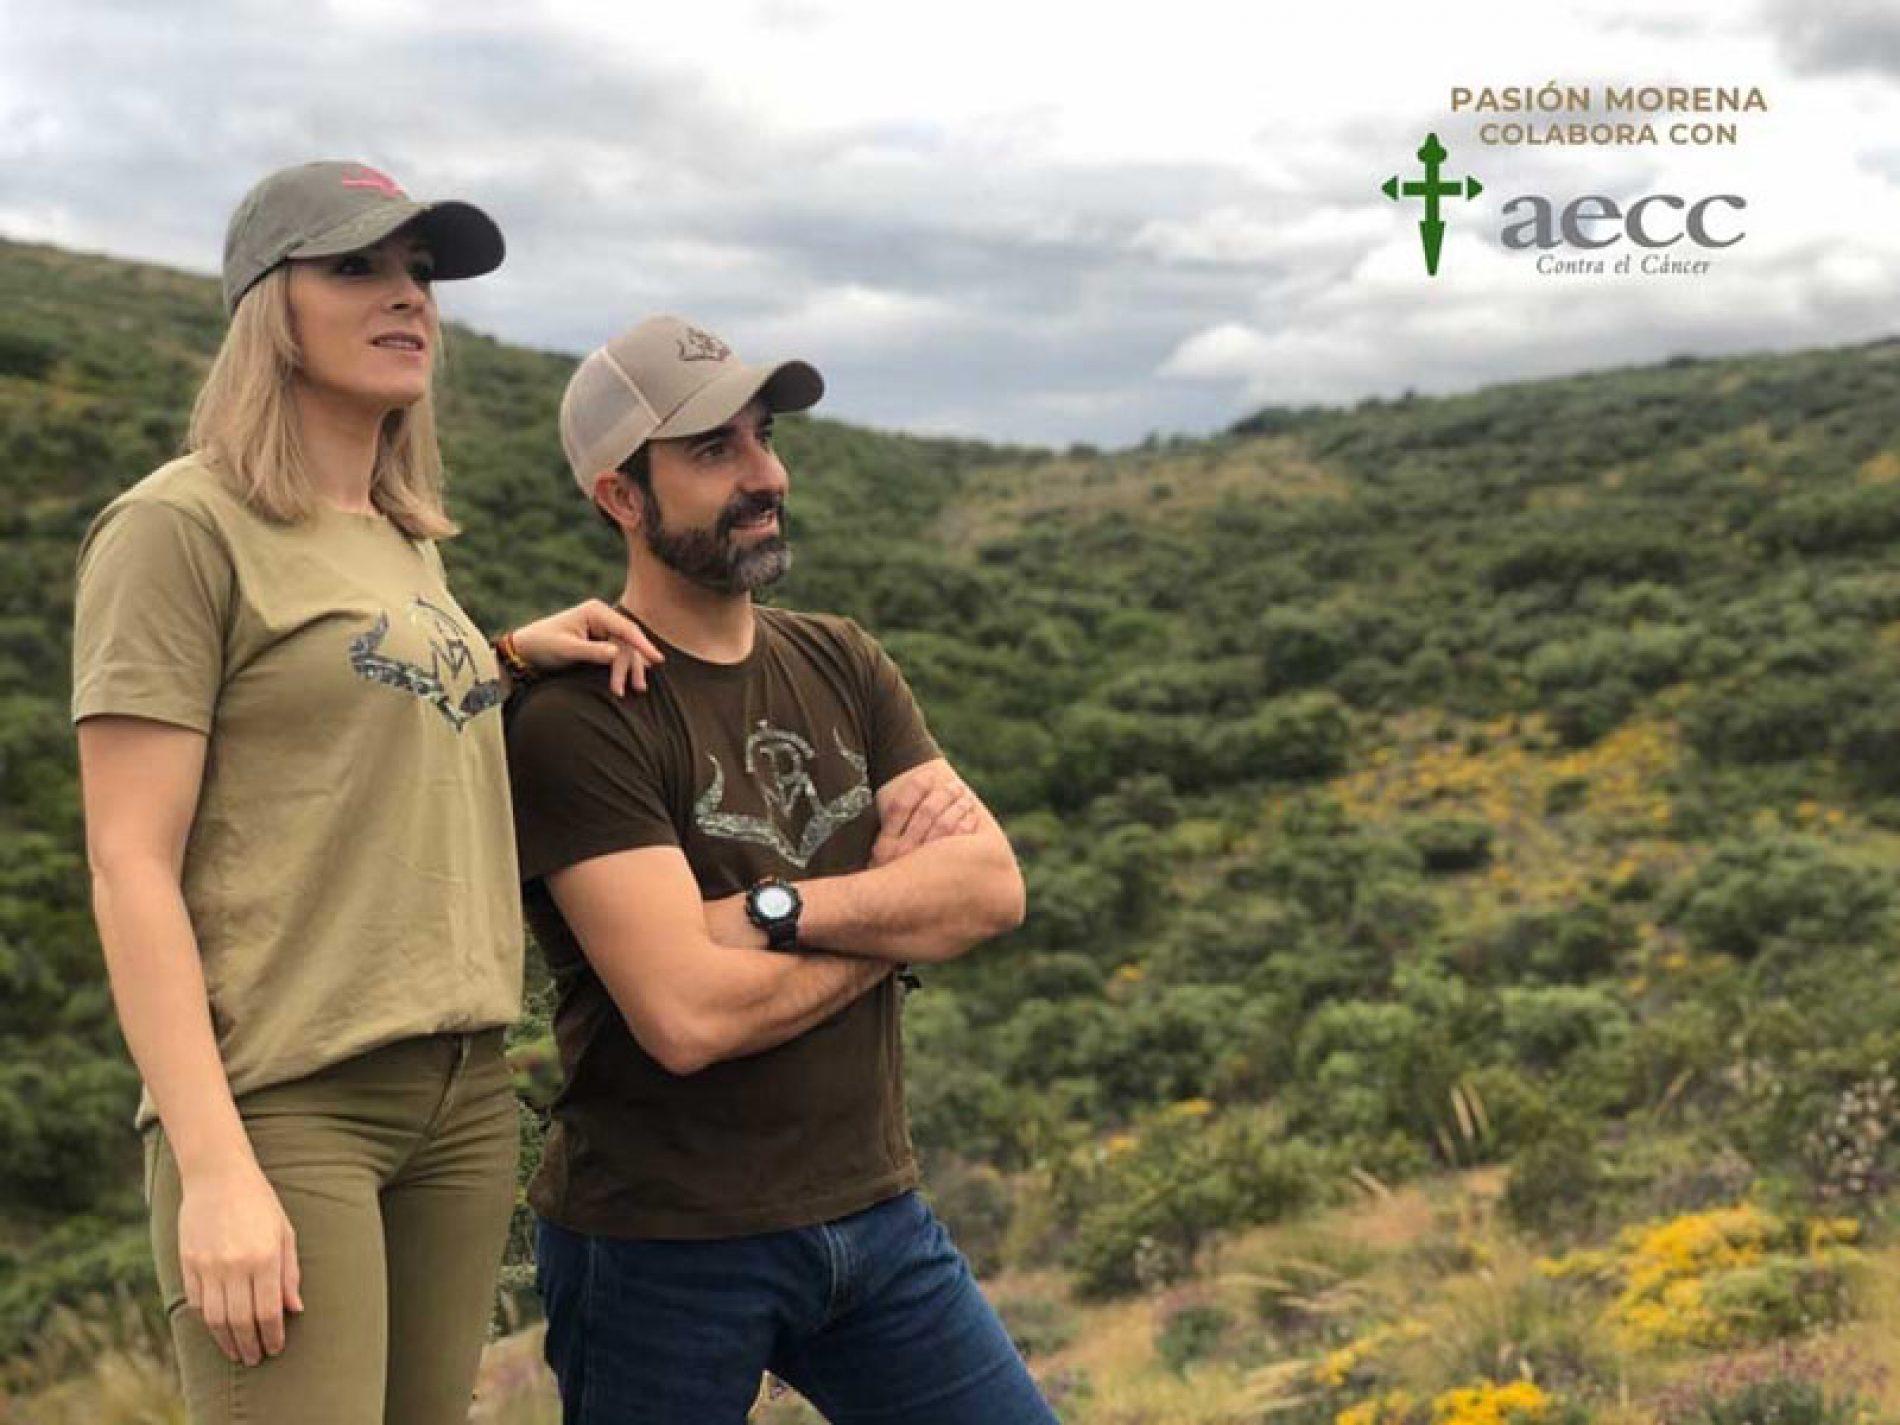 Pasión Morena crea una línea de prendas solidarias con la Asociación Española Contra el Cáncer (AECC)